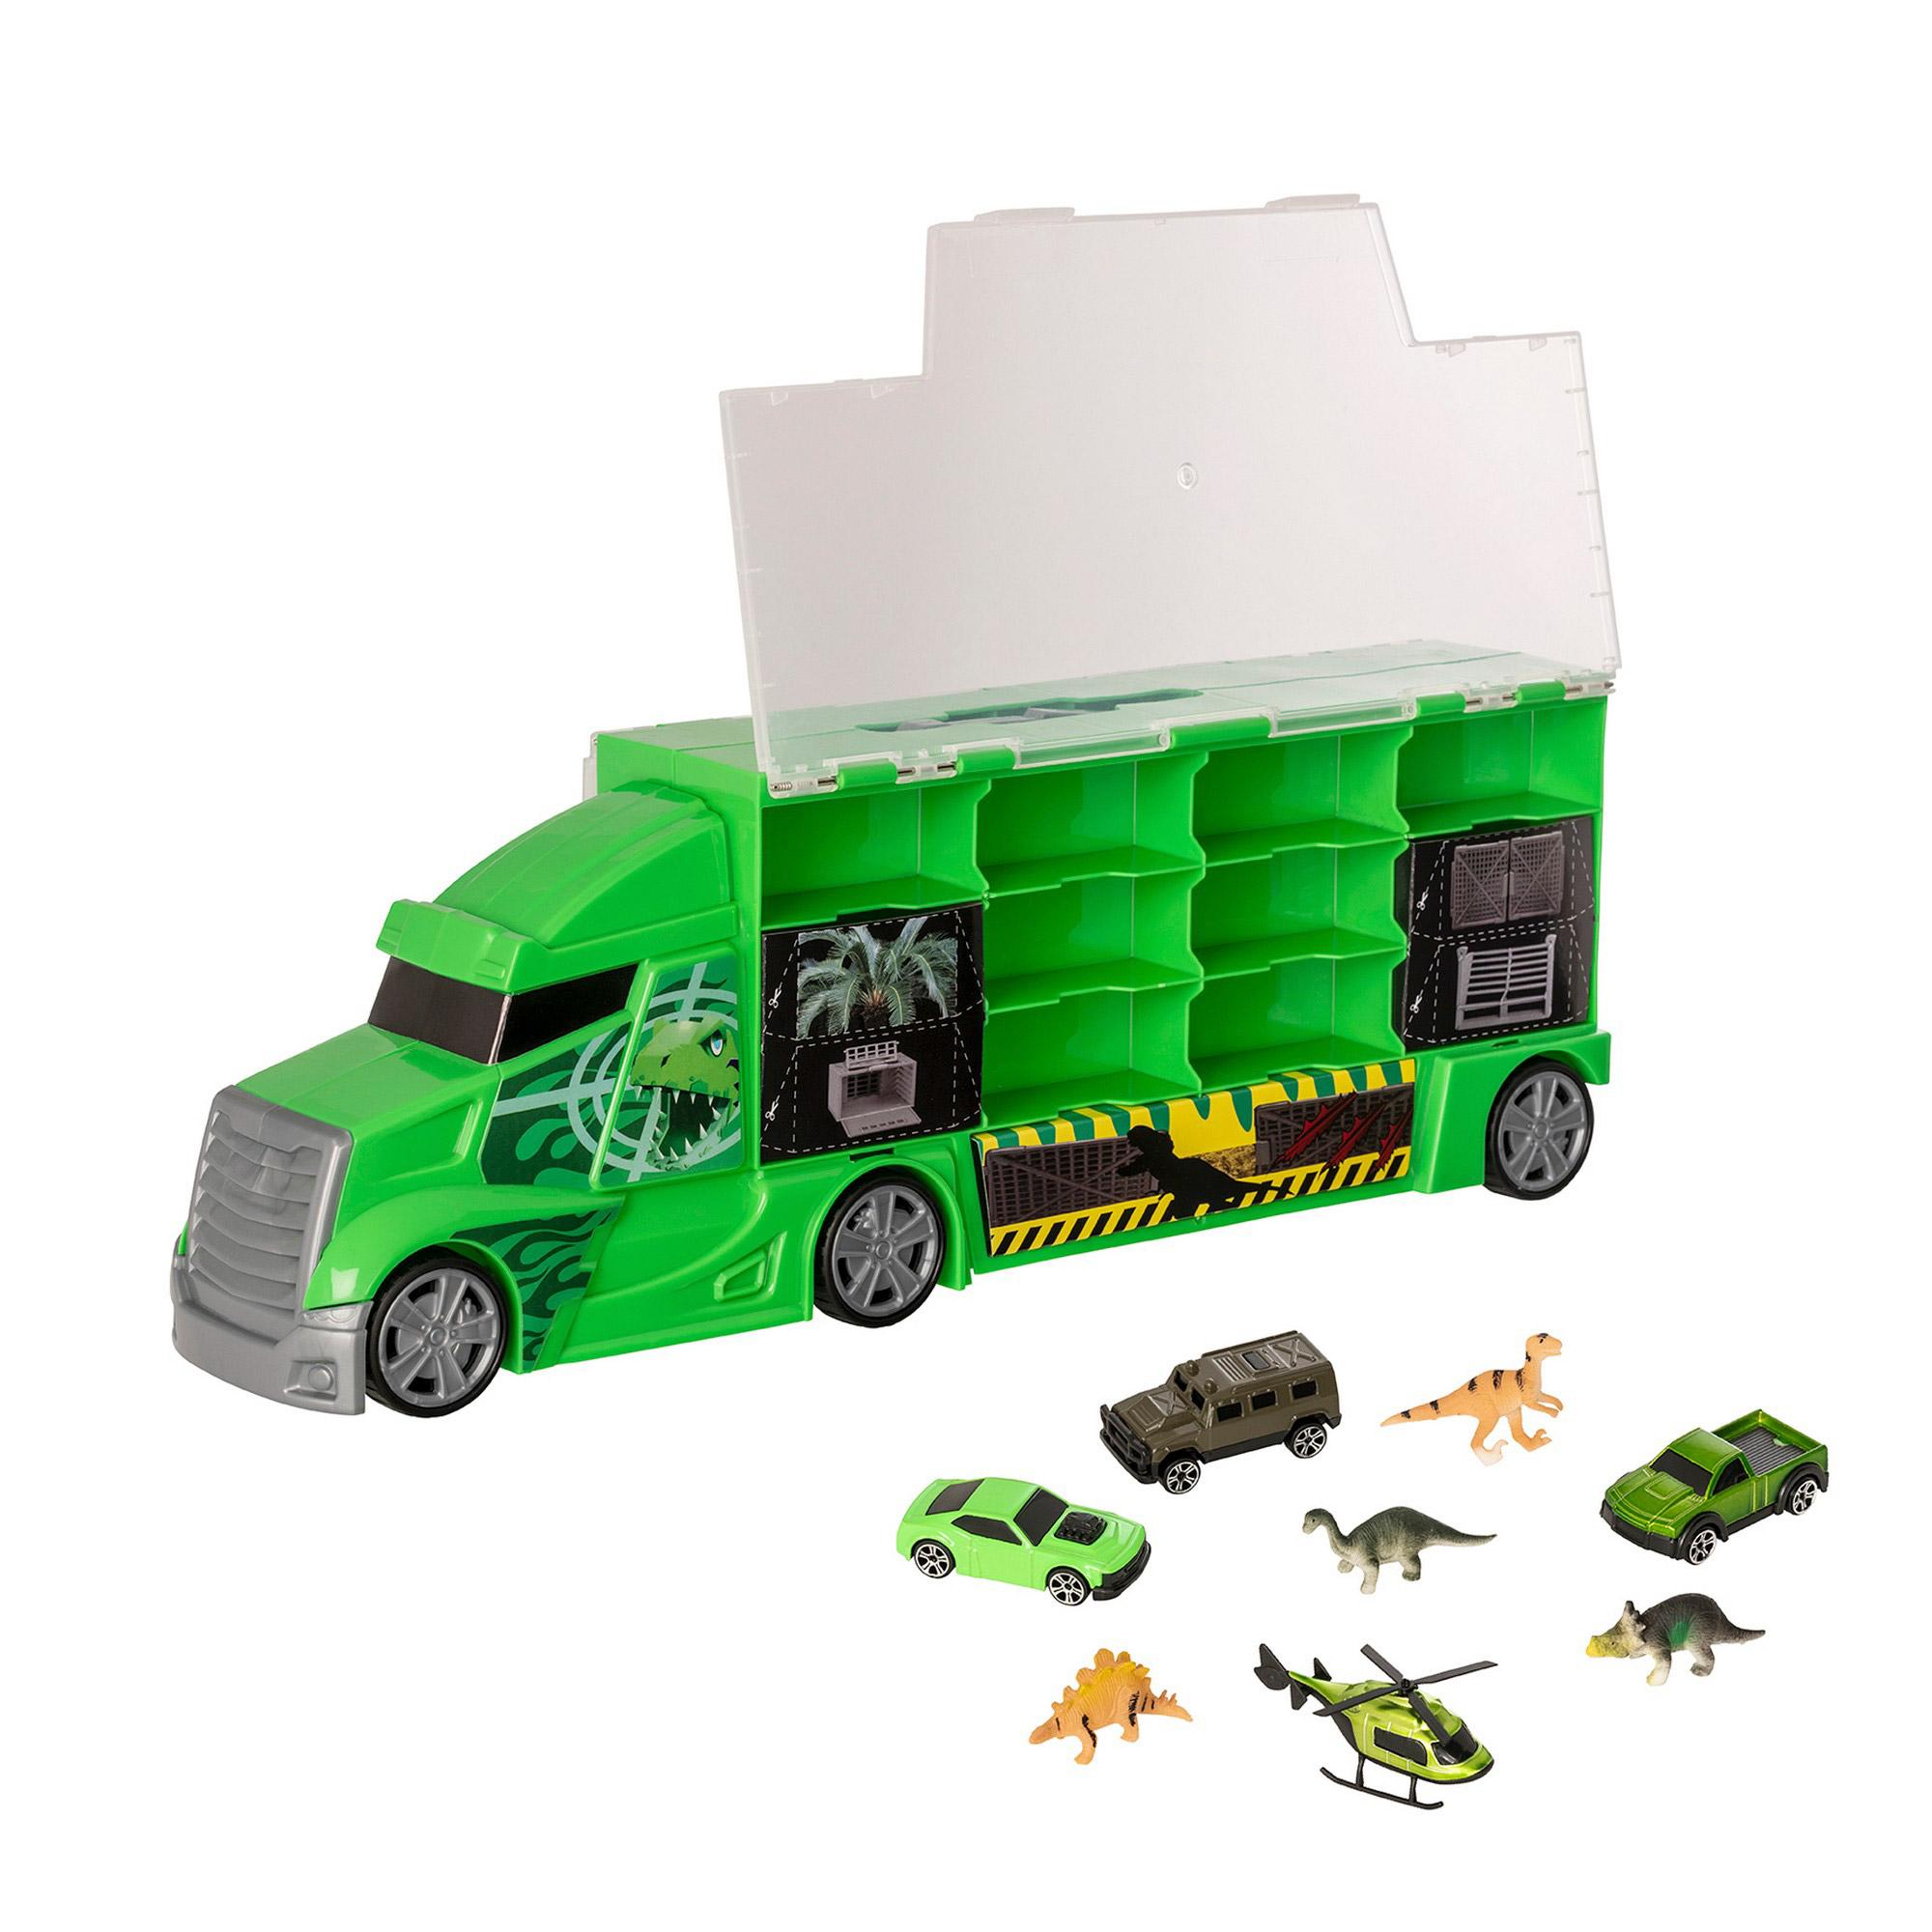 Фото - Набор игровой HTI Teamsterz Автоперевозчик с транспортными средствами и динозаврами трек hti teamsterz турбо прыжок